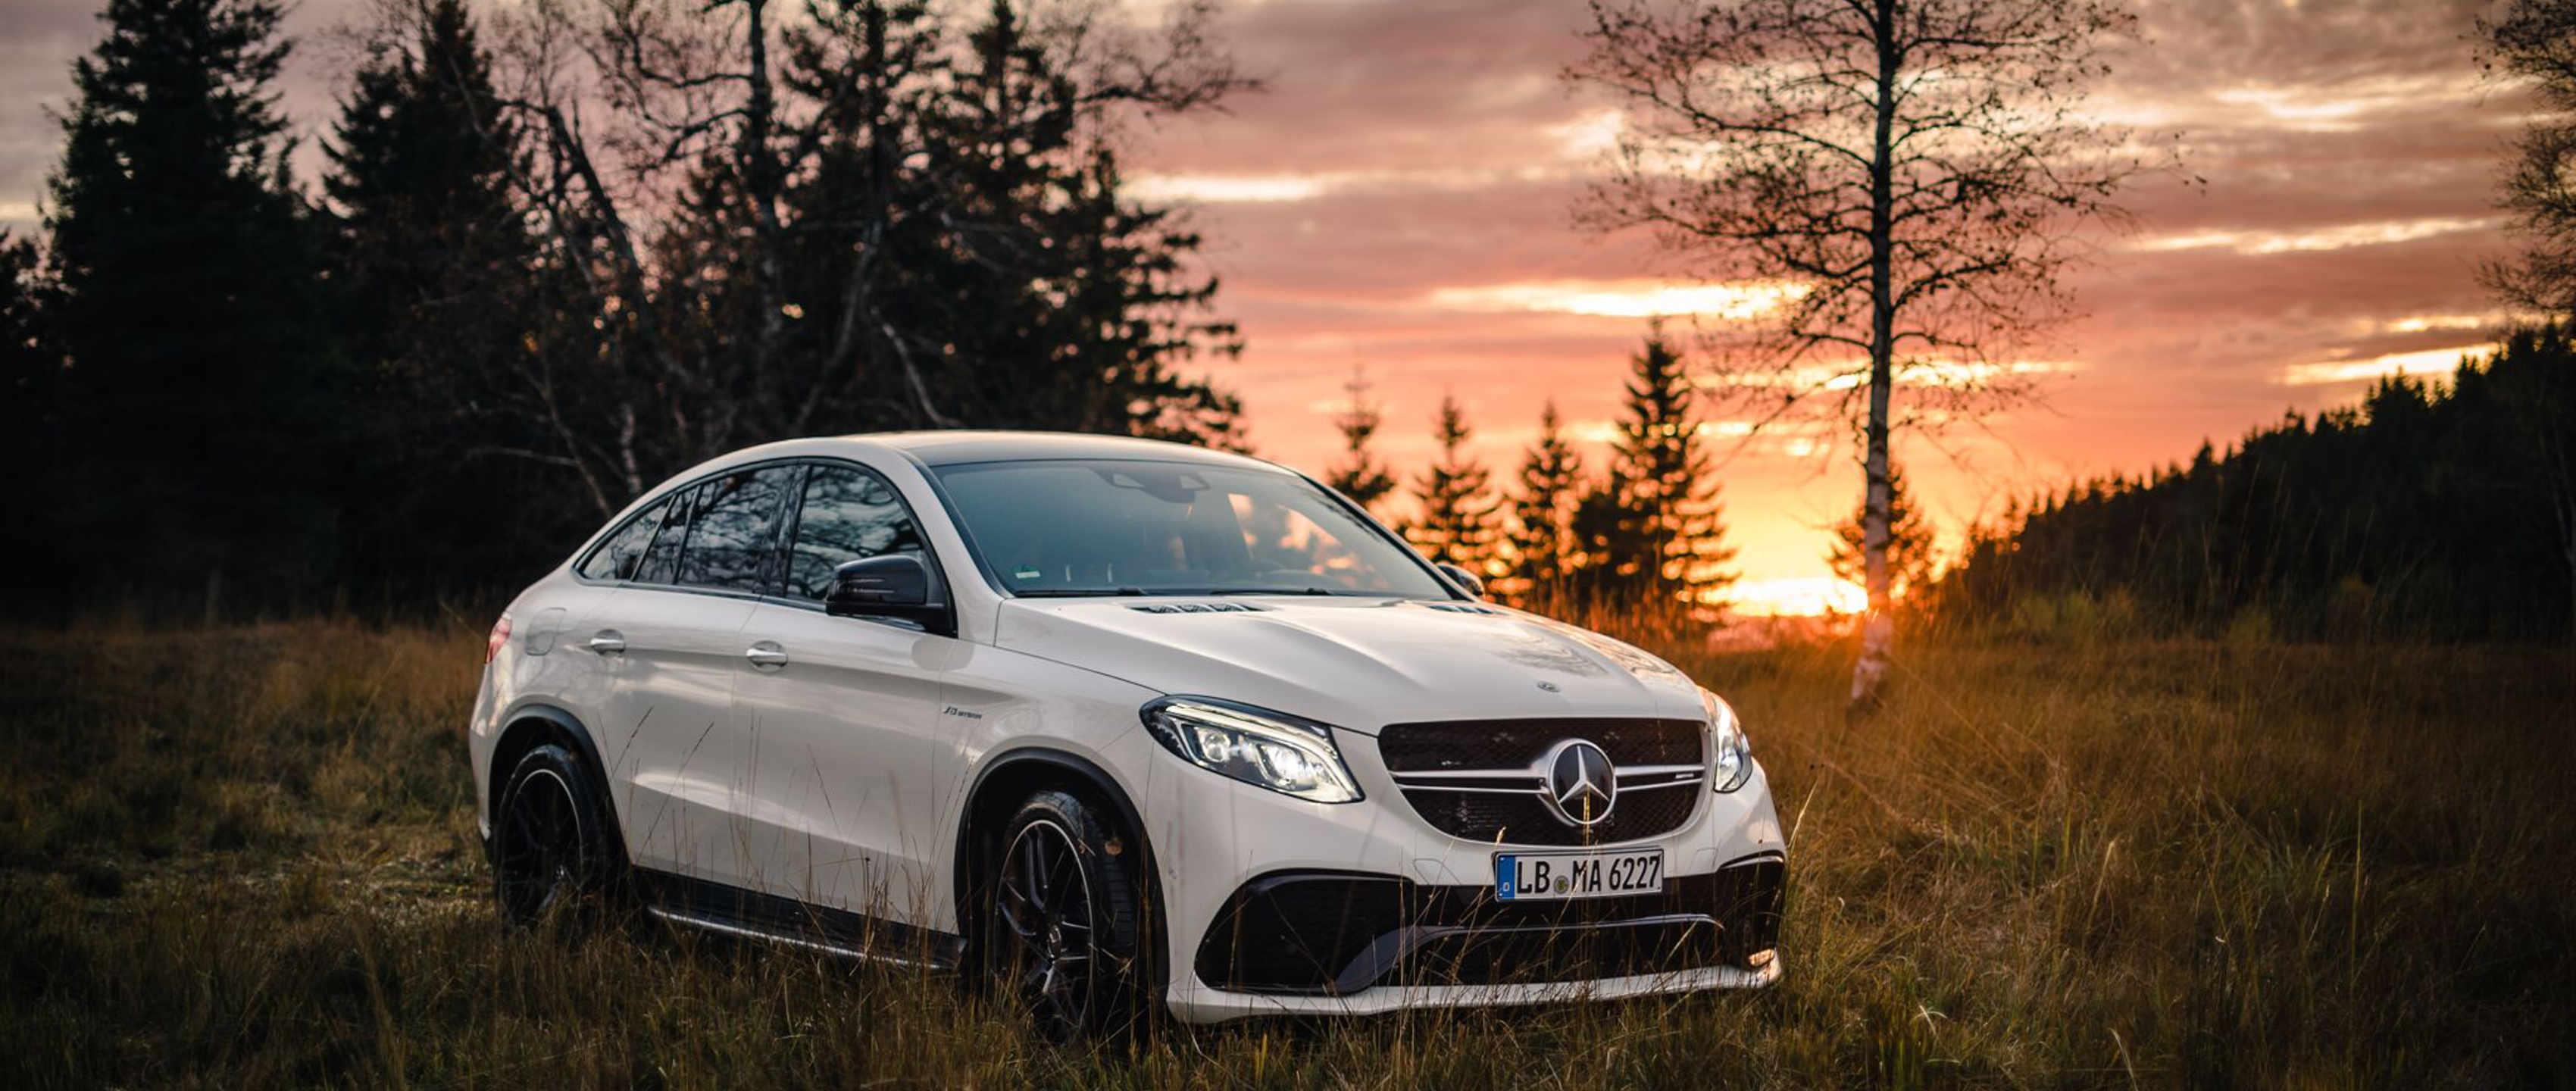 Mercedes voortuig invoeren vanuit Duitsland internationaal